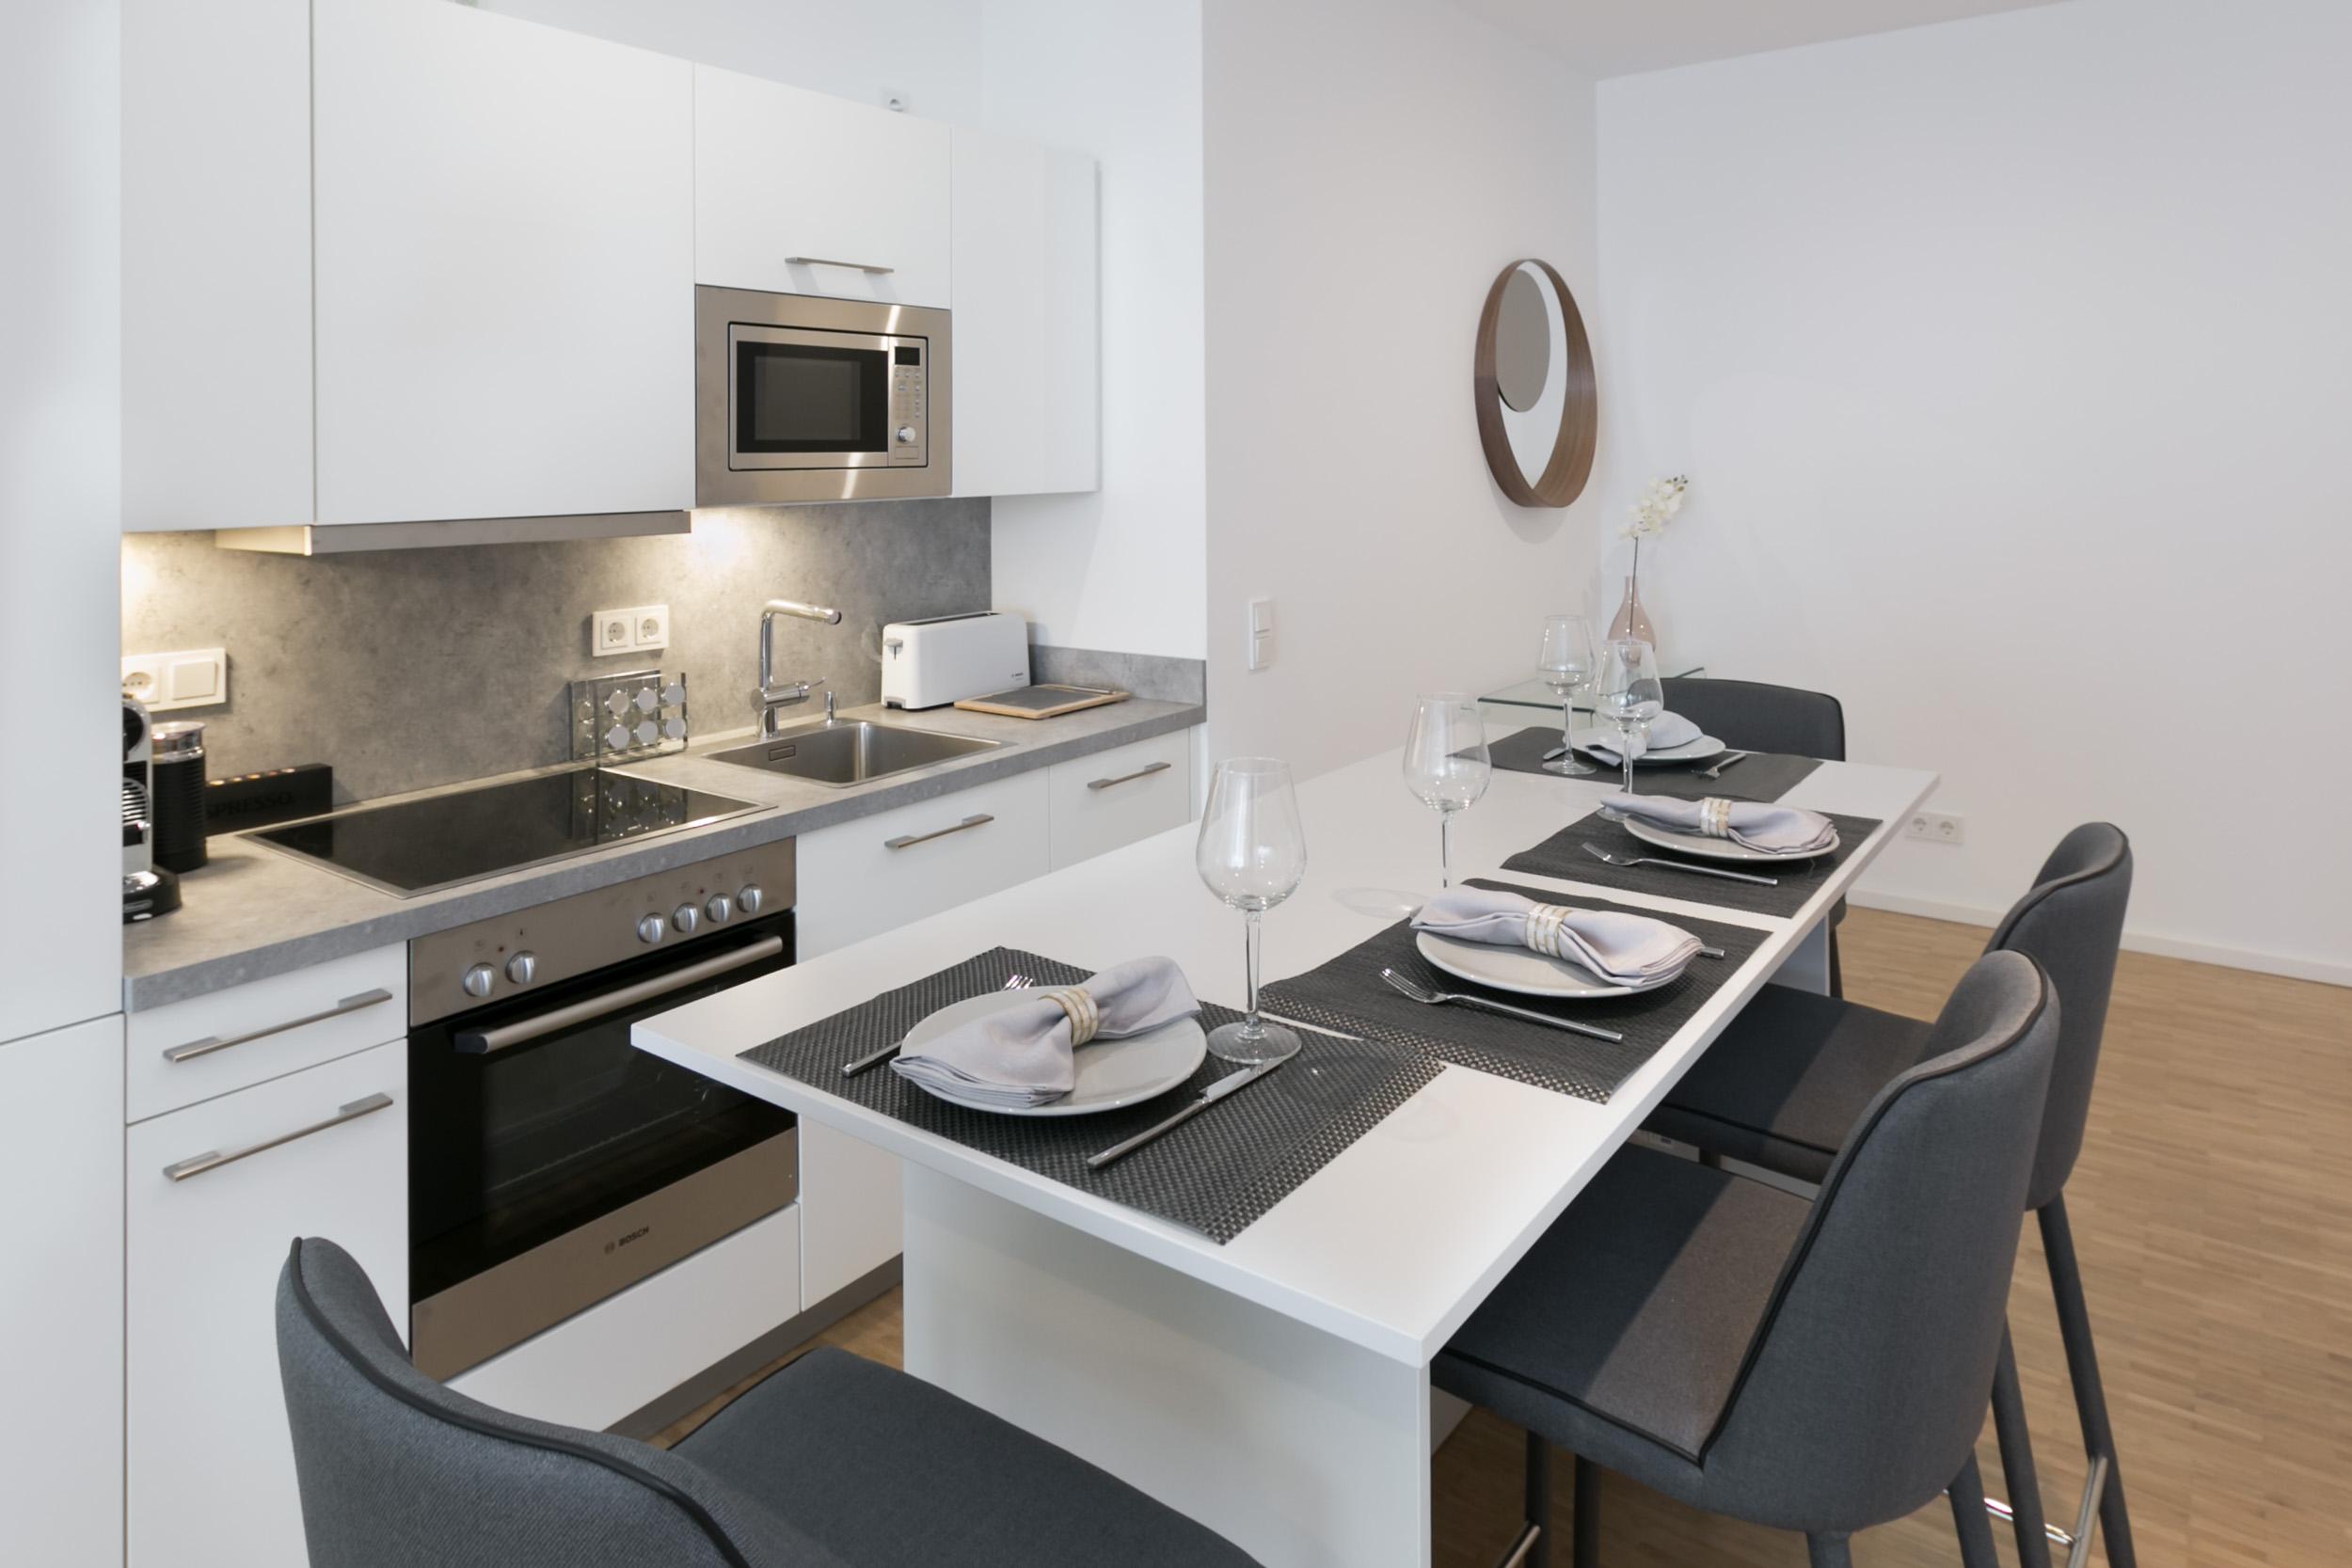 re-vamp+möbliertes+Mikropapartment+WE+154+Küche.jpg